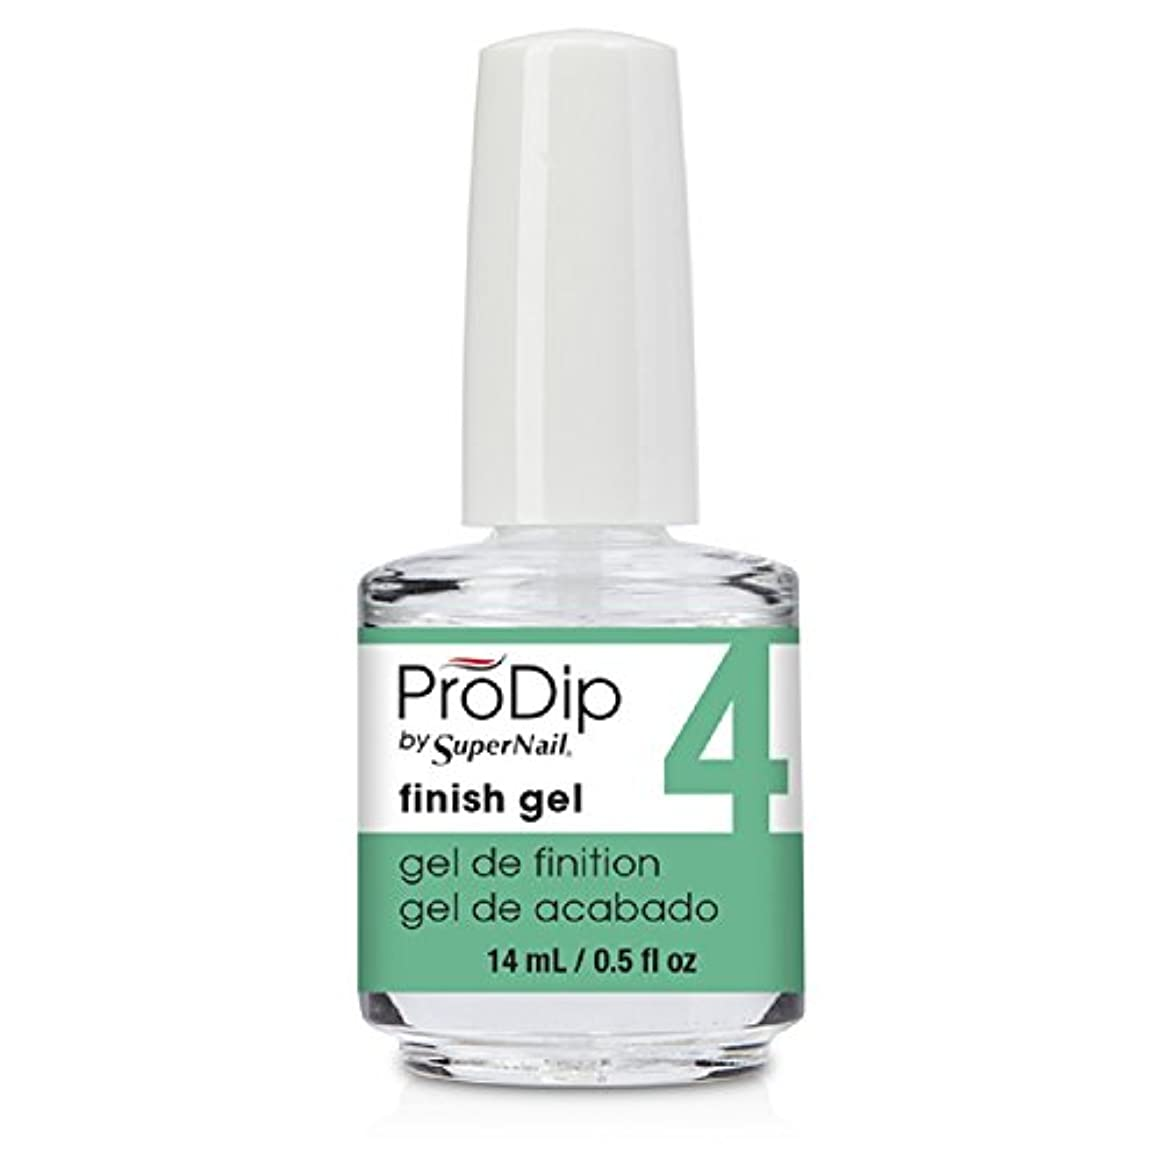 地下室以降ファーザーファージュSuperNail ProDip - Finish Gel - 14 ml/0.5 oz